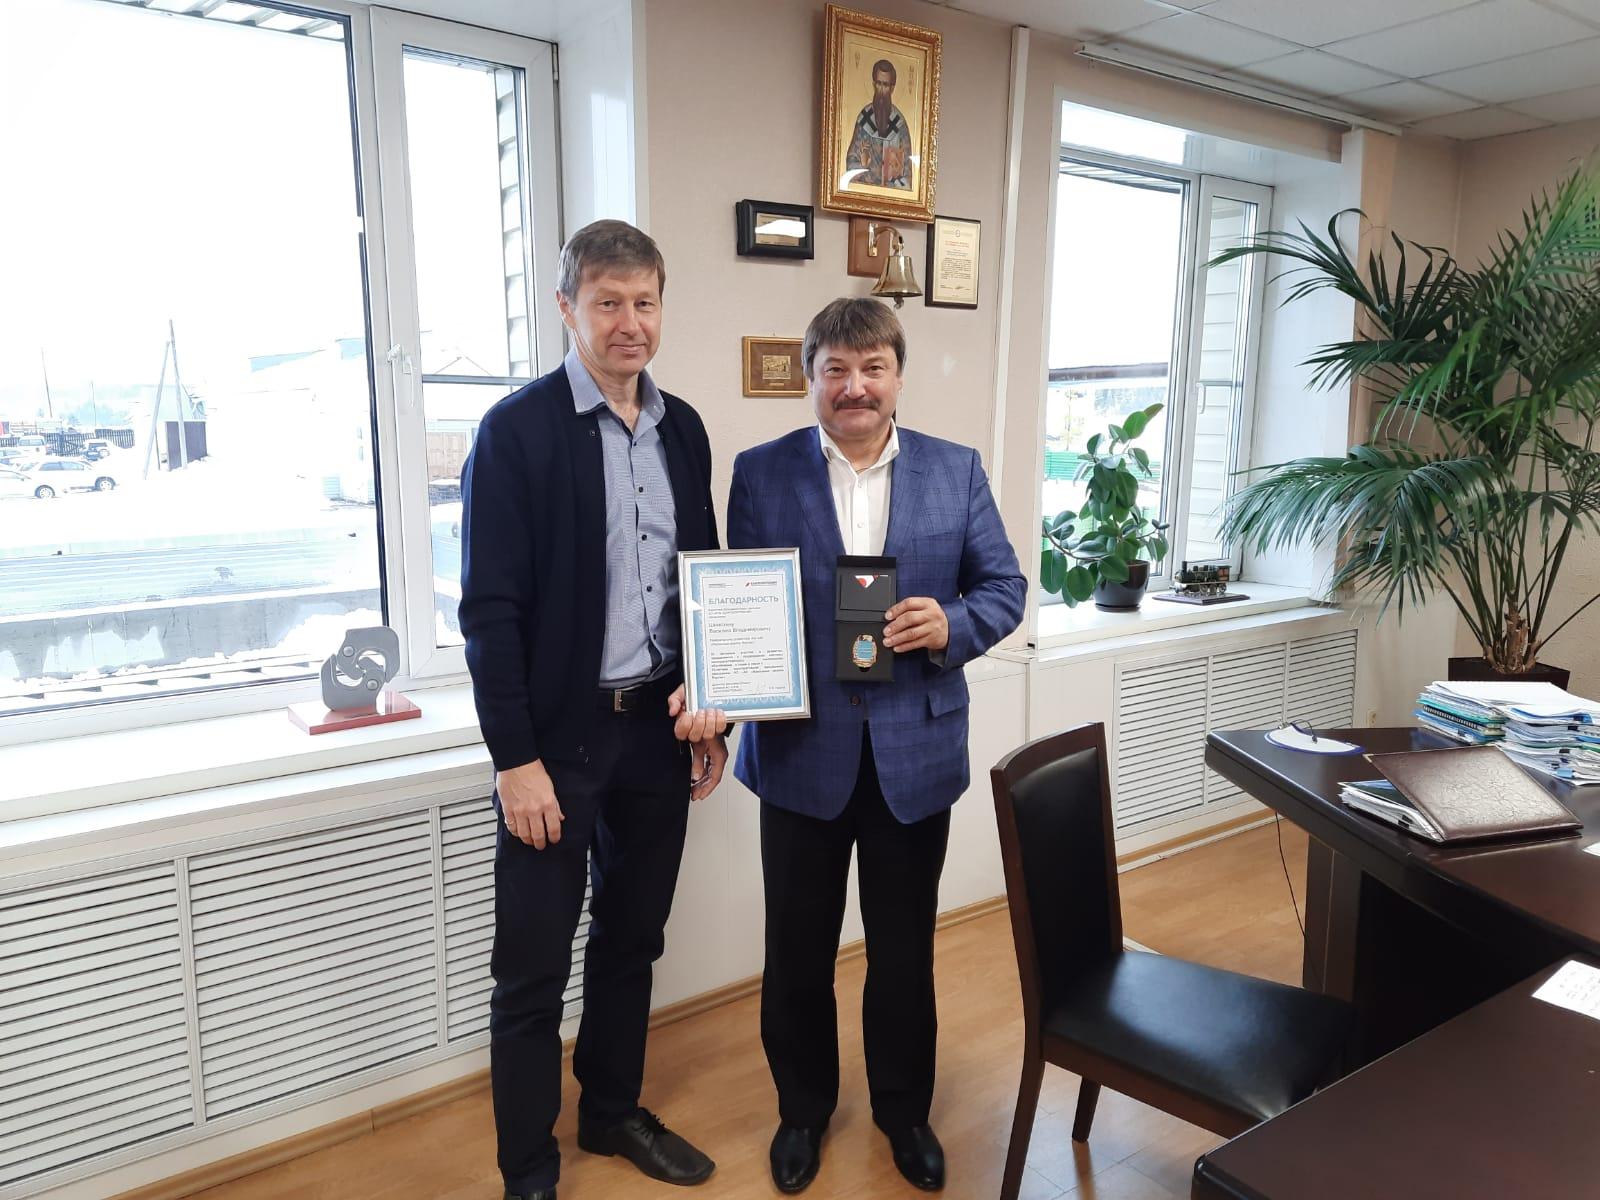 НПФ «Благосостояние» наградил за сотрудничество сотрудников Акционерной компании «Железные дороги Якутии»